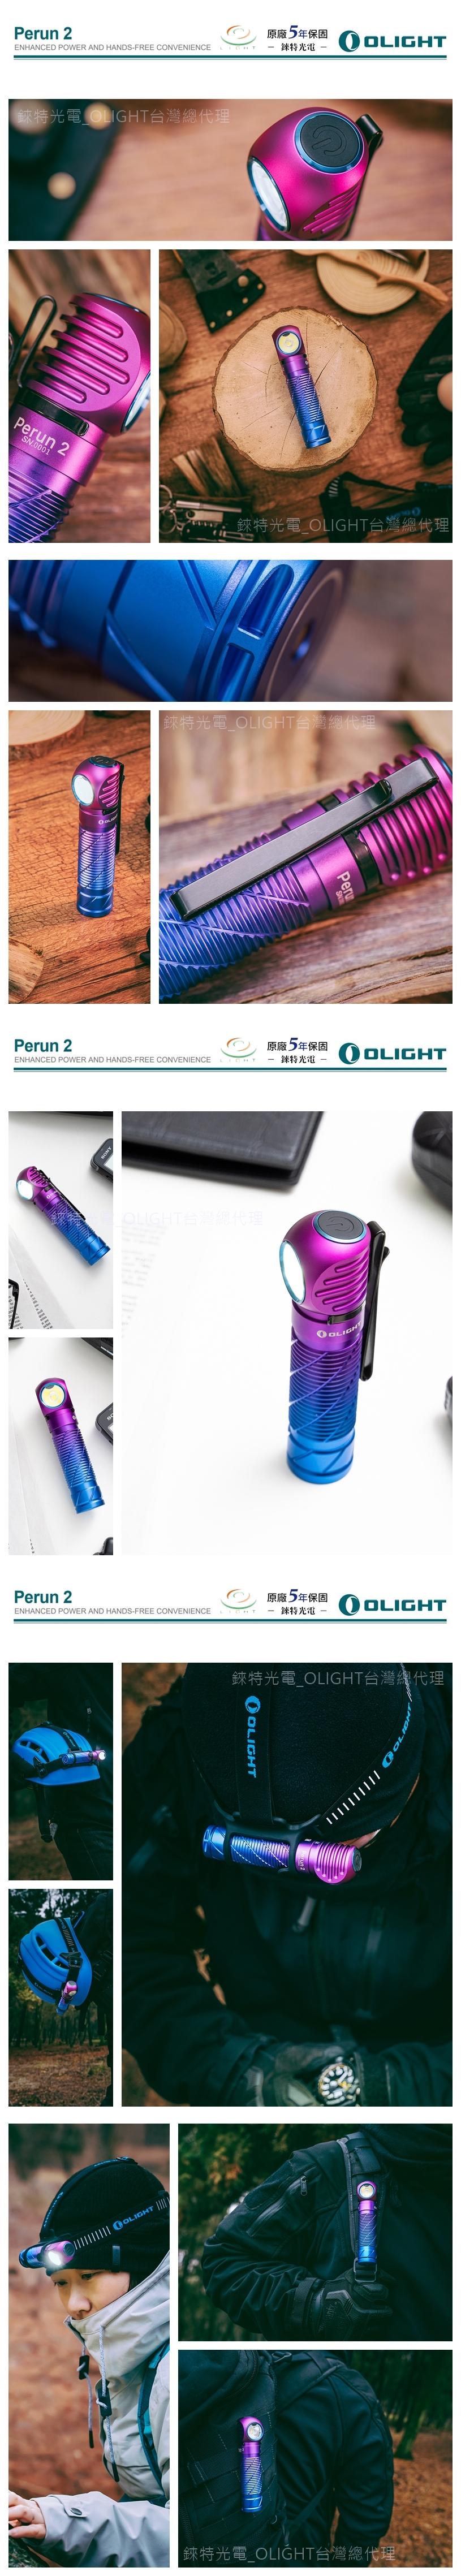 【錸特光電】OLIGHT PERUN 2 雷神 2500流明 限量星辰紫 Purple Gradient 感應L型轉角燈 頭燈 EDC手電筒 OLIGHT台灣總代理 (9)